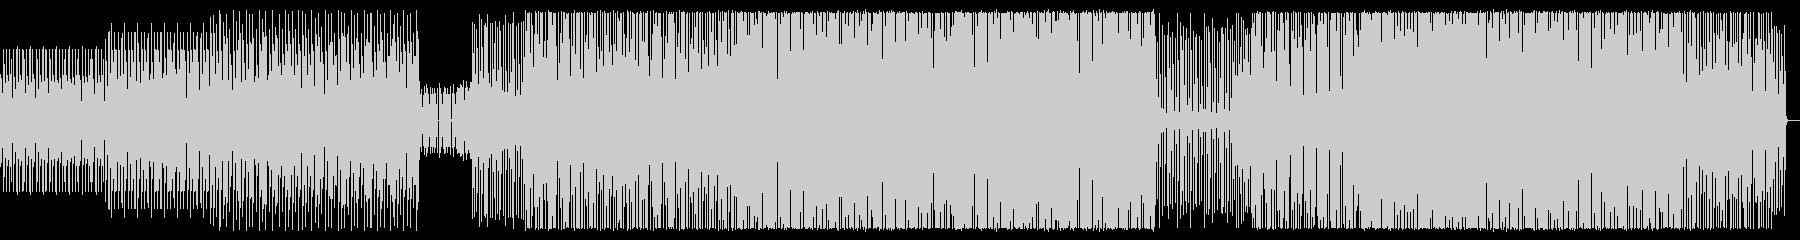 シンプルでクールなテクノの未再生の波形